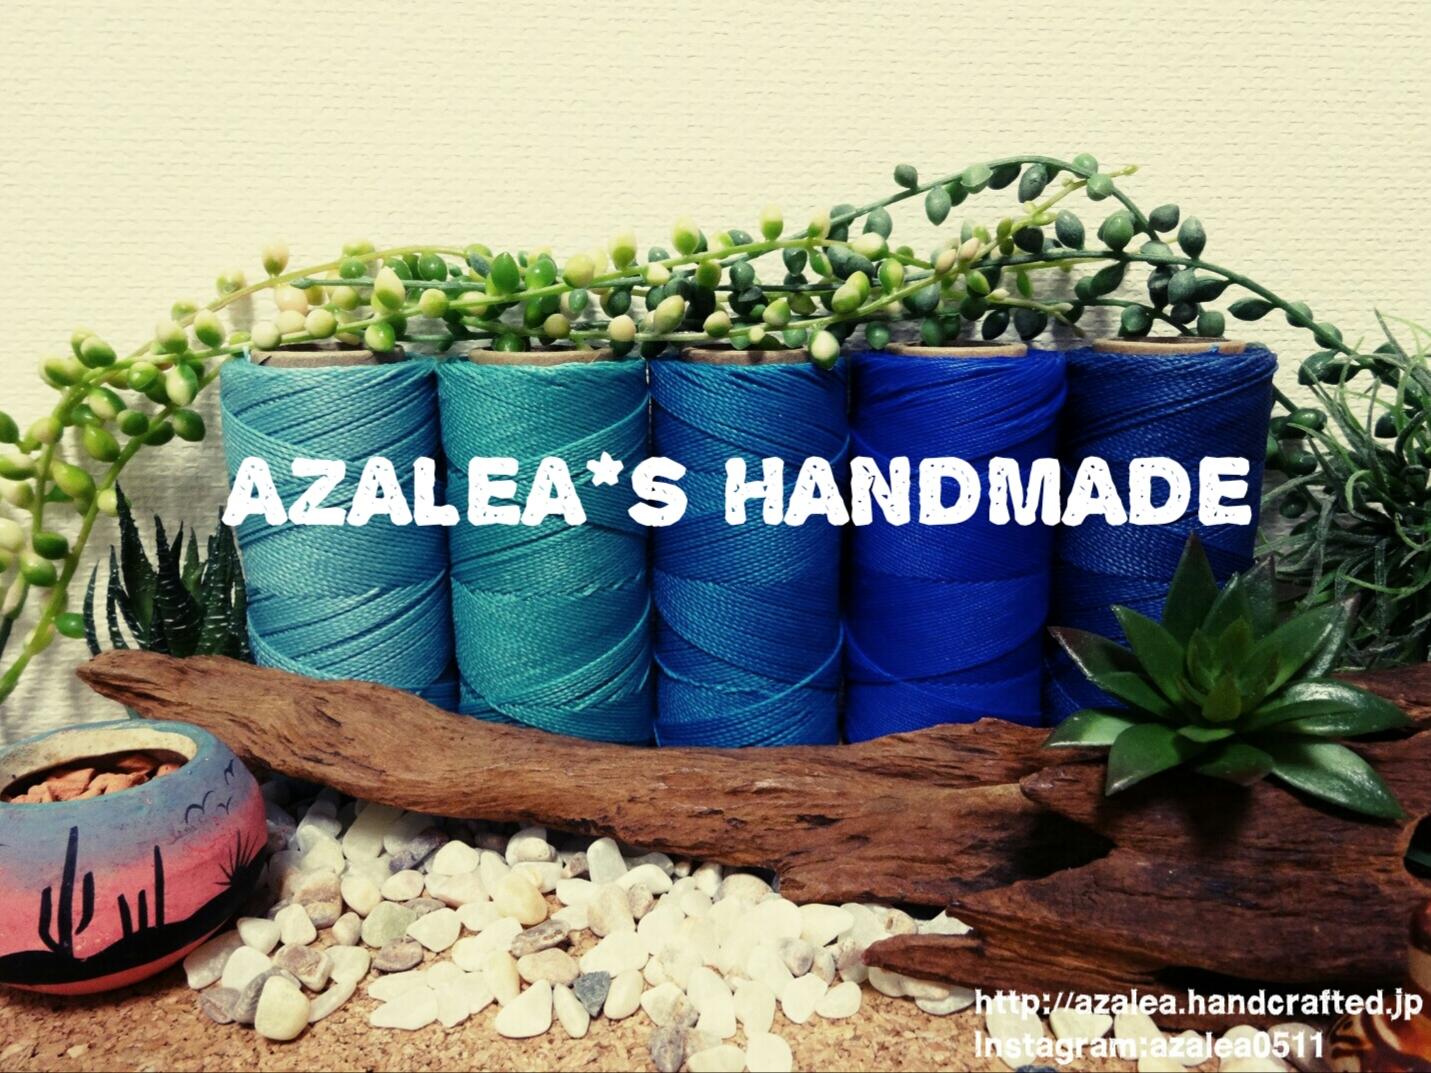 AZALEA's HANDMADE